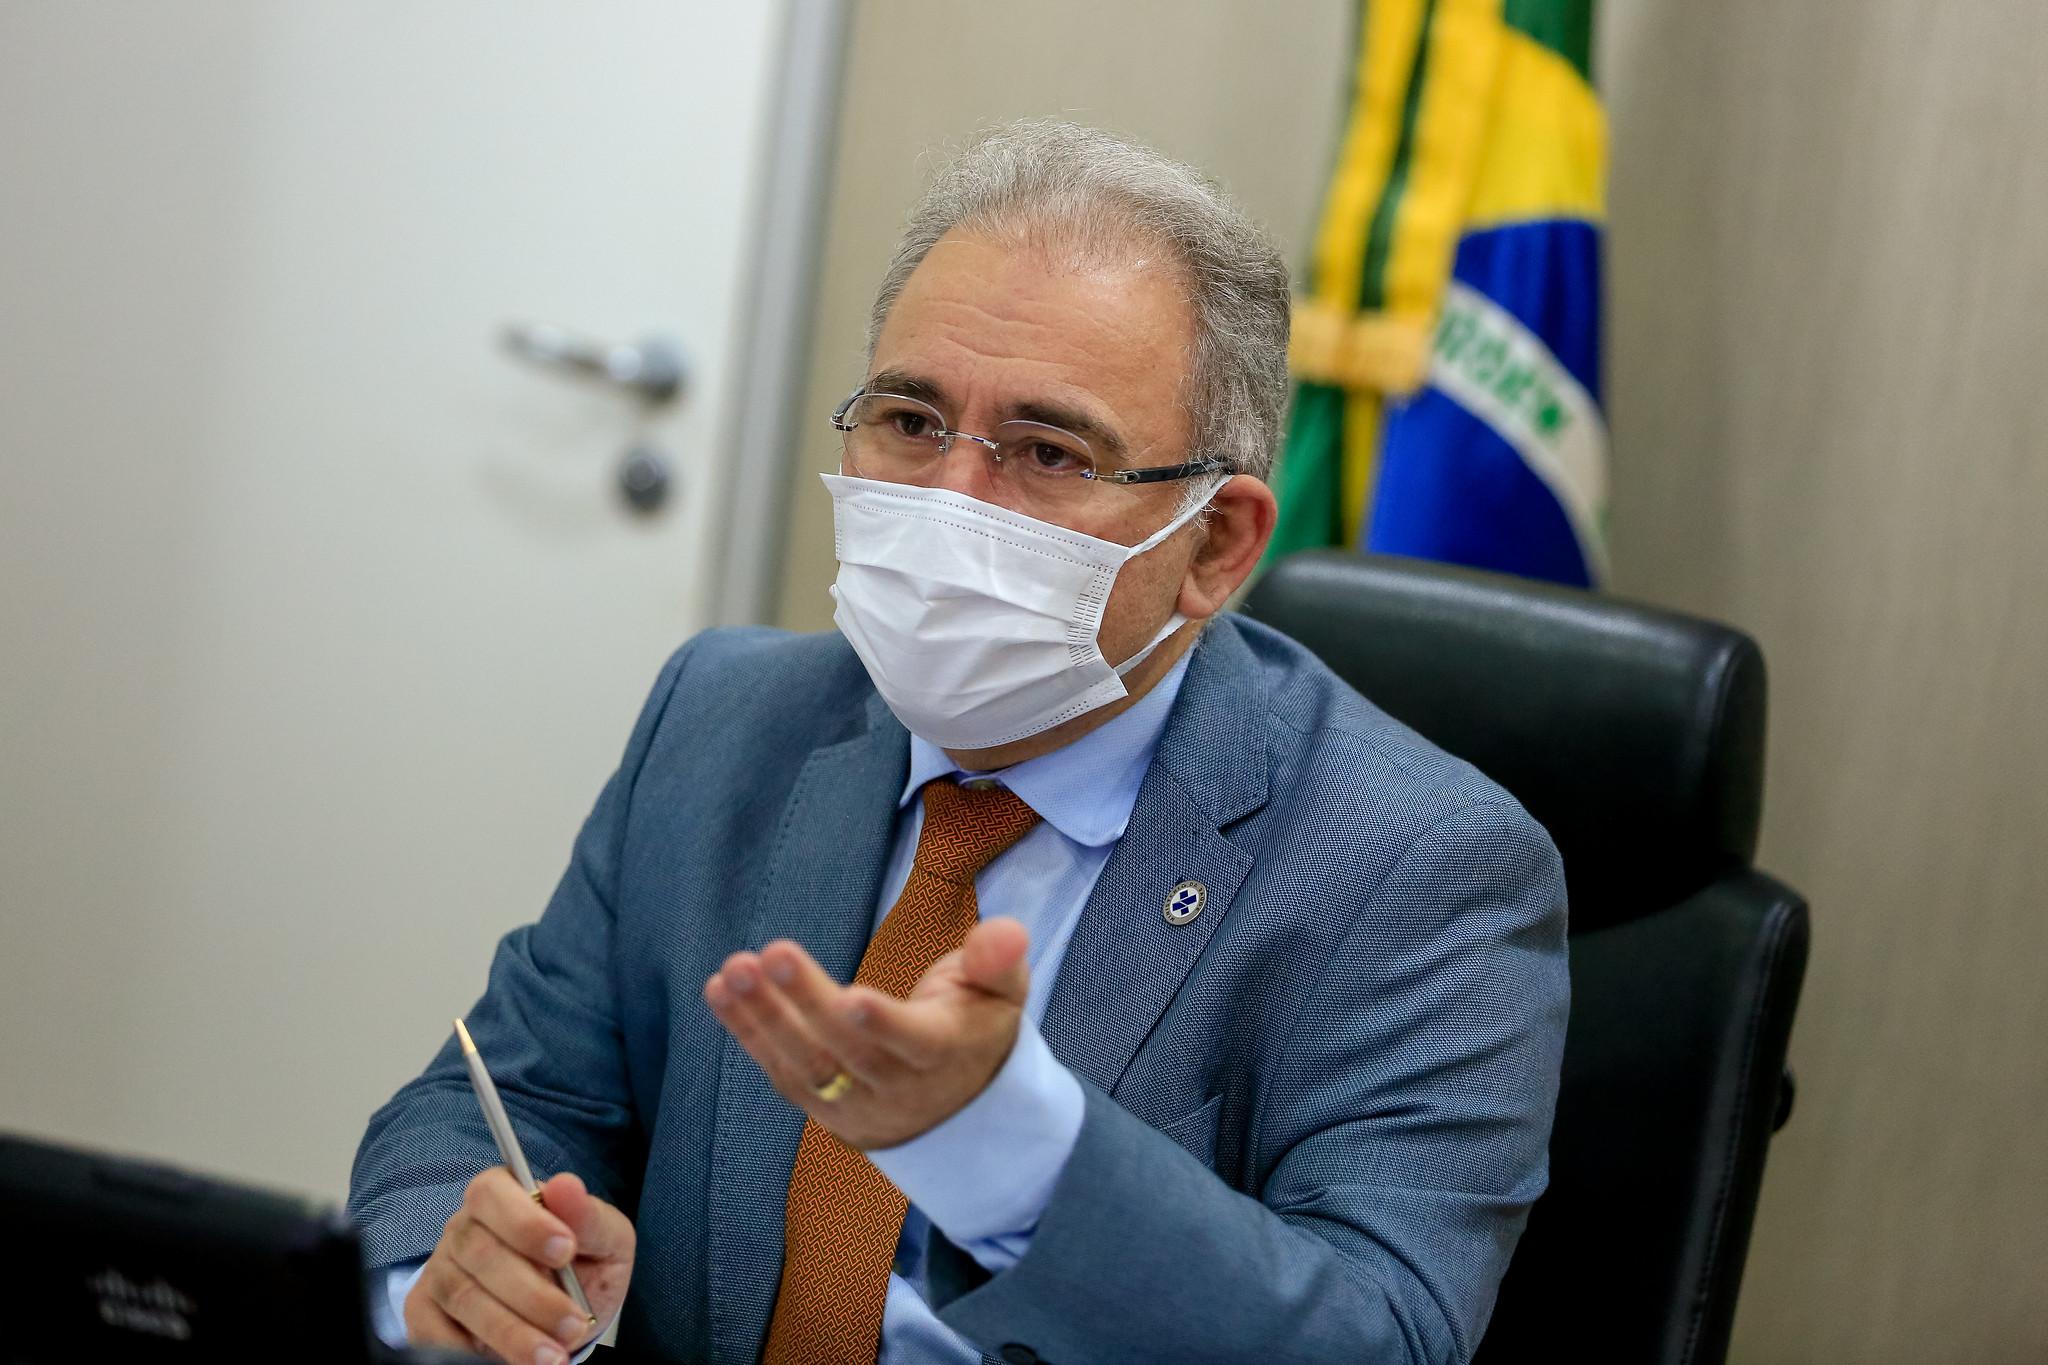 IMAGEM: Covid: Queiroga diz que Brasil só terá 3ª dose quando vacinação de adultos acabar